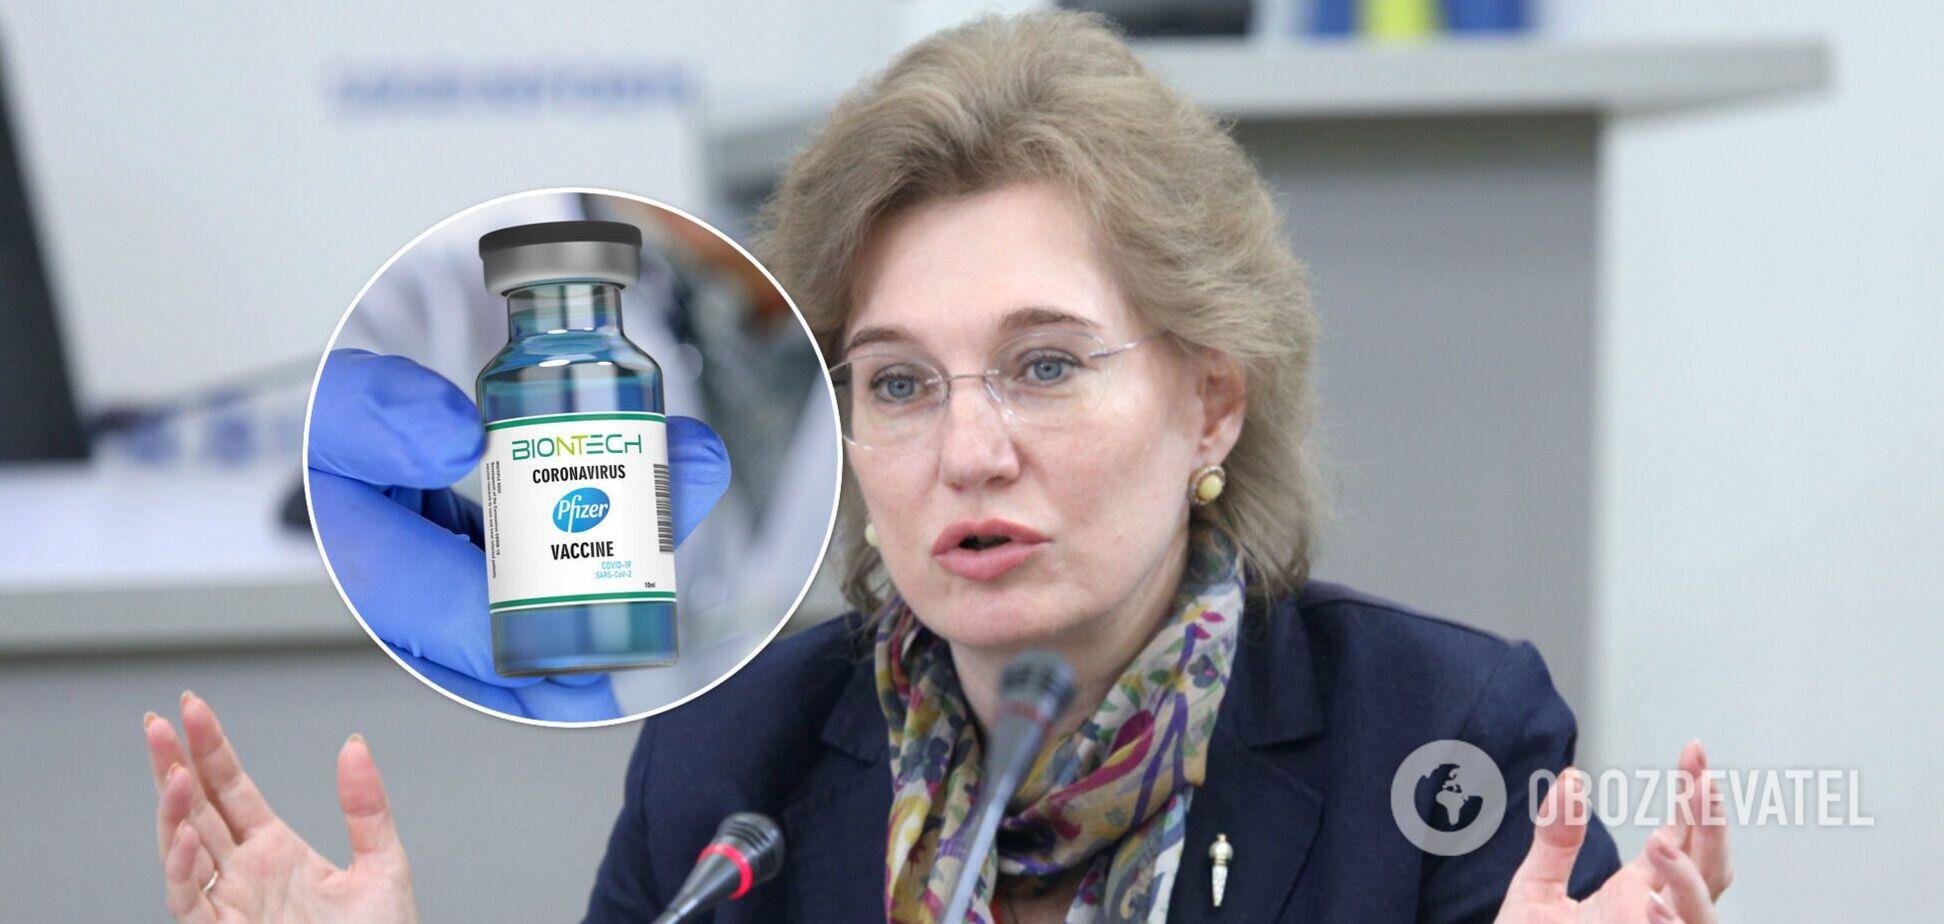 Врач-инфекционист Ольга Голубовская дала уточнение о вакцинации